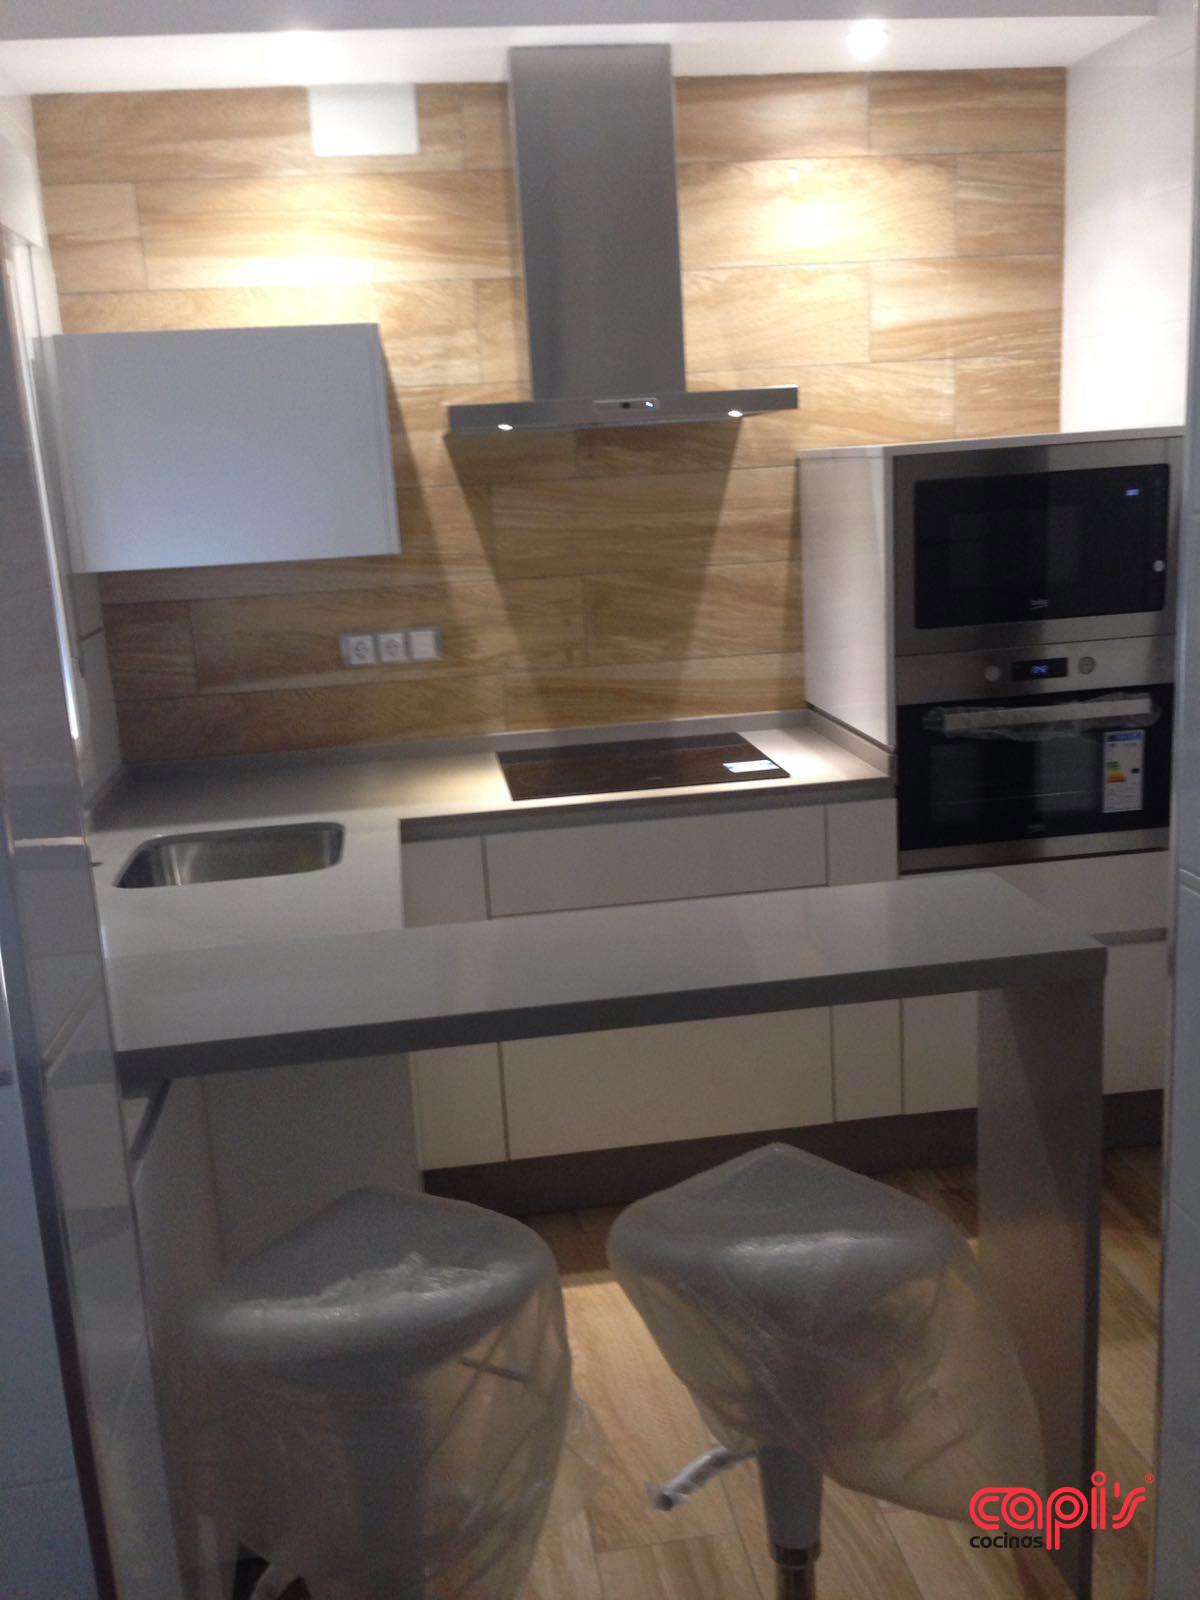 Hermoso Cocinas Beko Fotos Cocina De Gas Beko Csg 62000 Dwl 4  # Geant Muebles De Cocina